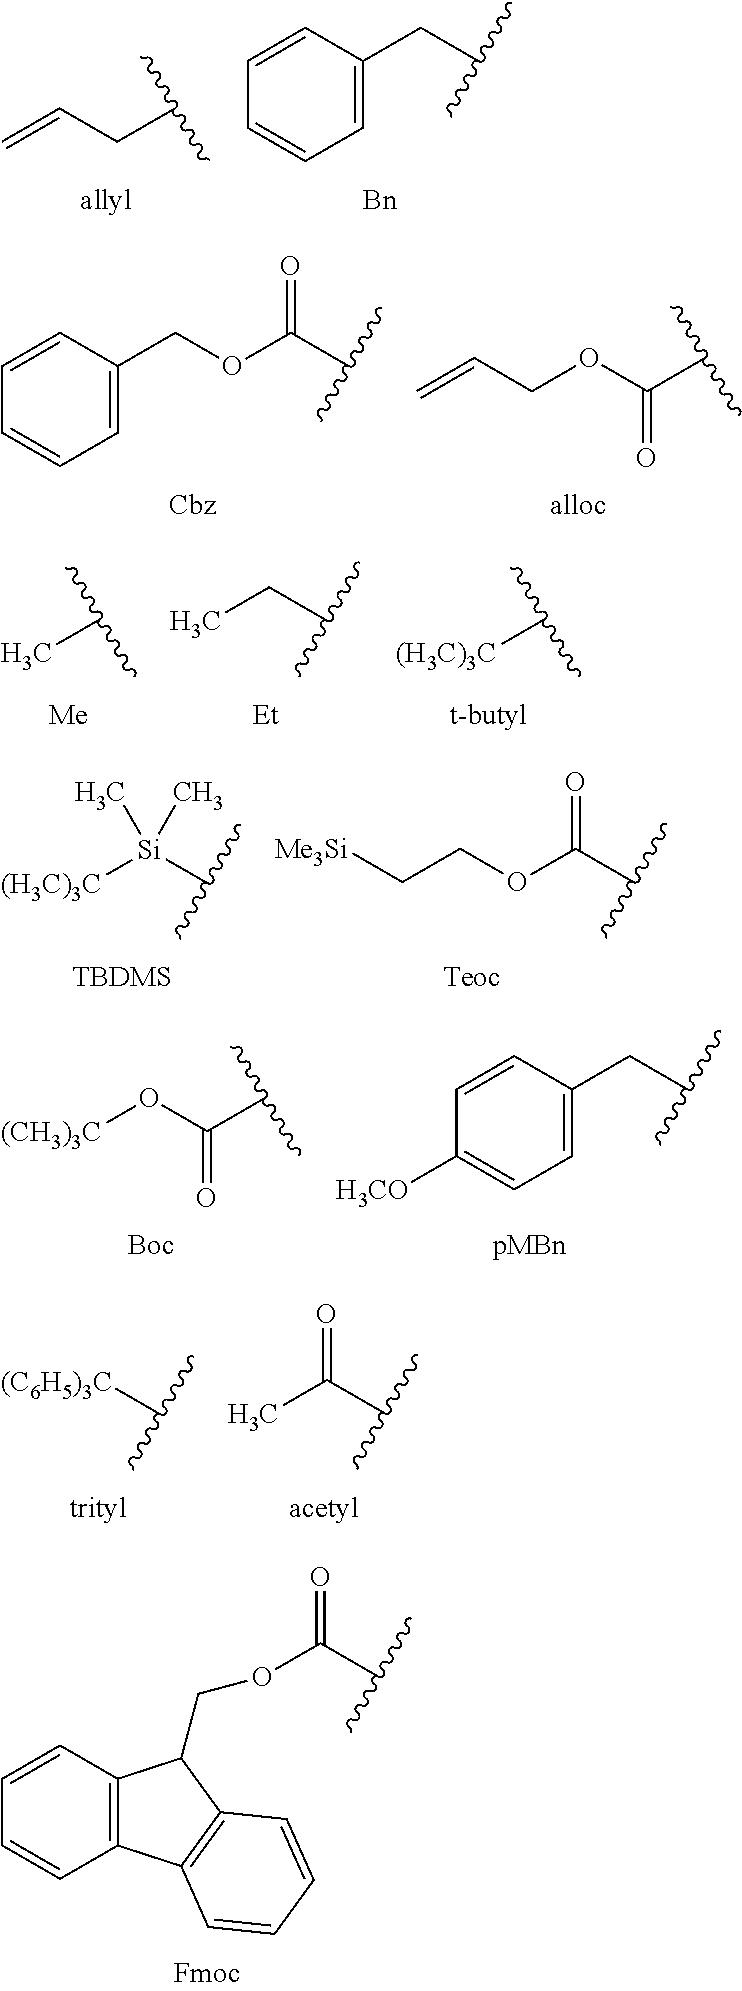 Figure US09695211-20170704-C00066